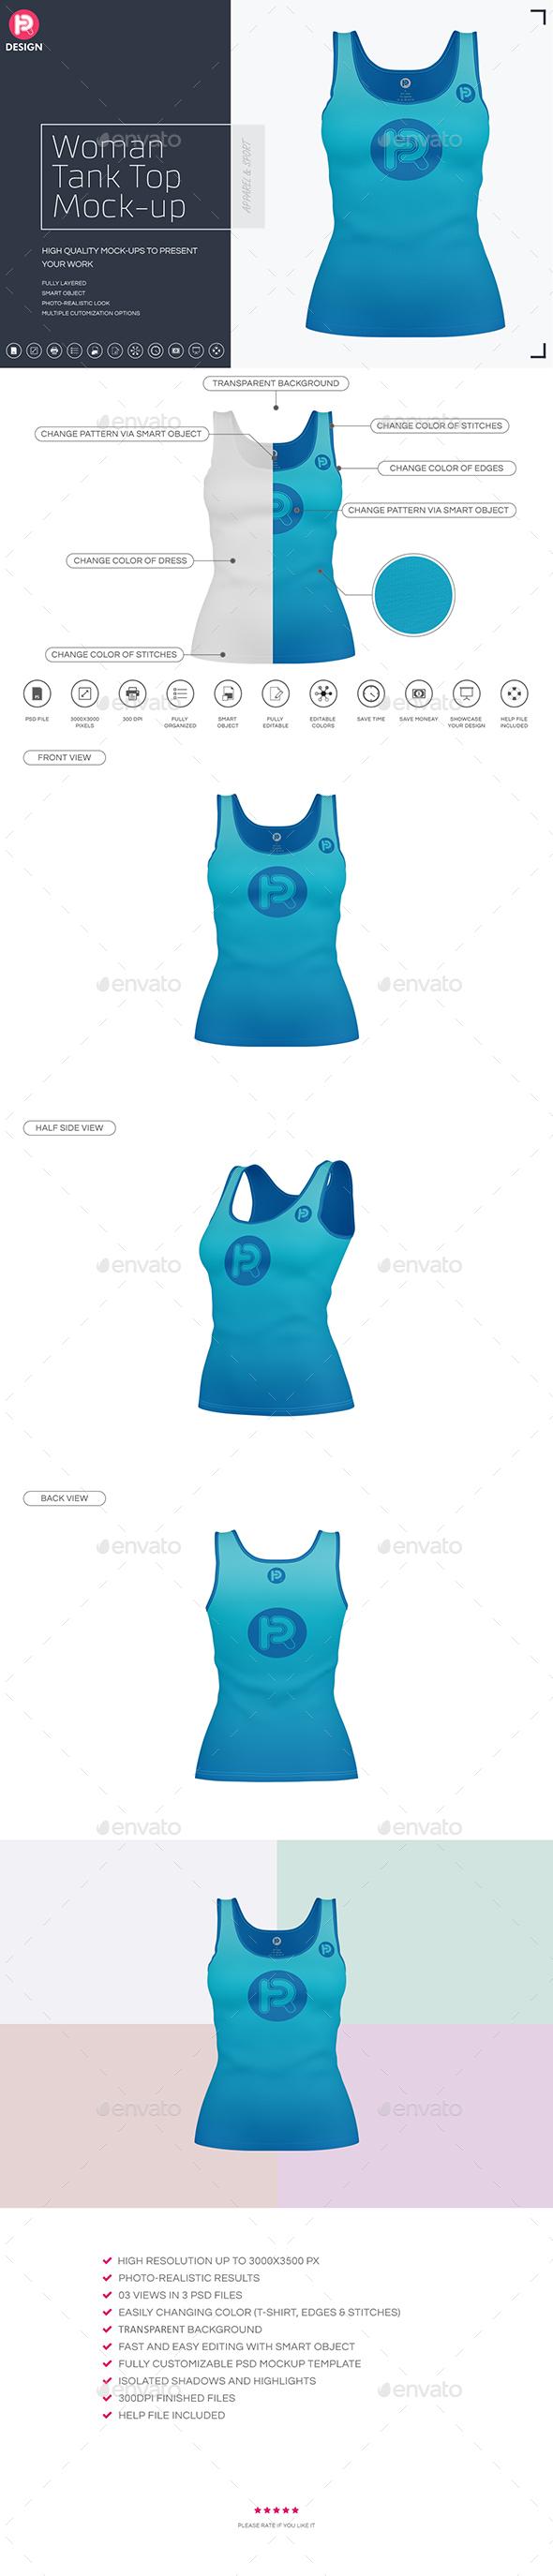 Woman Tank Top Mock-up - T-shirts Apparel